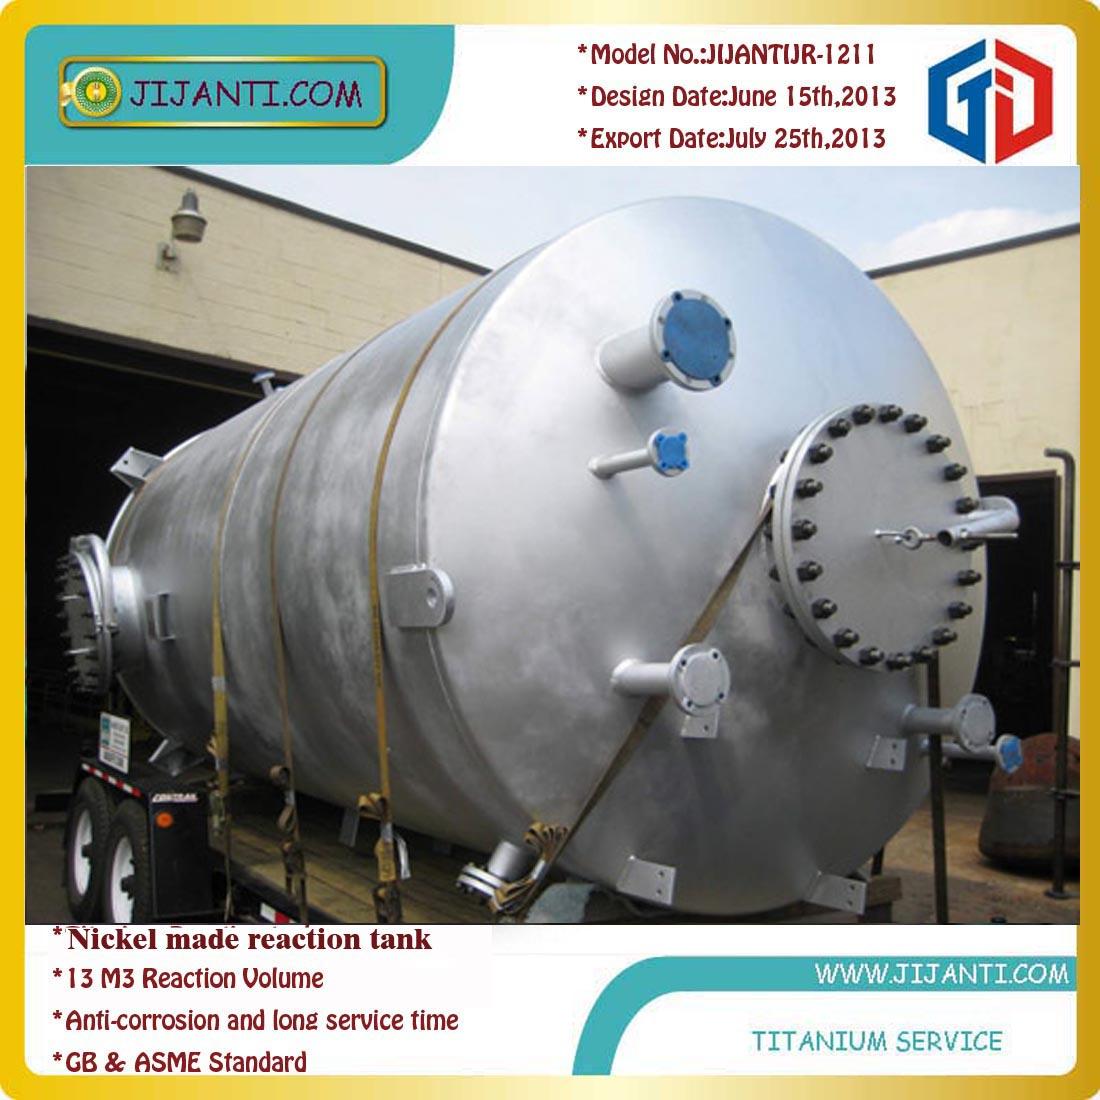 nickel and titanium alloy reactor